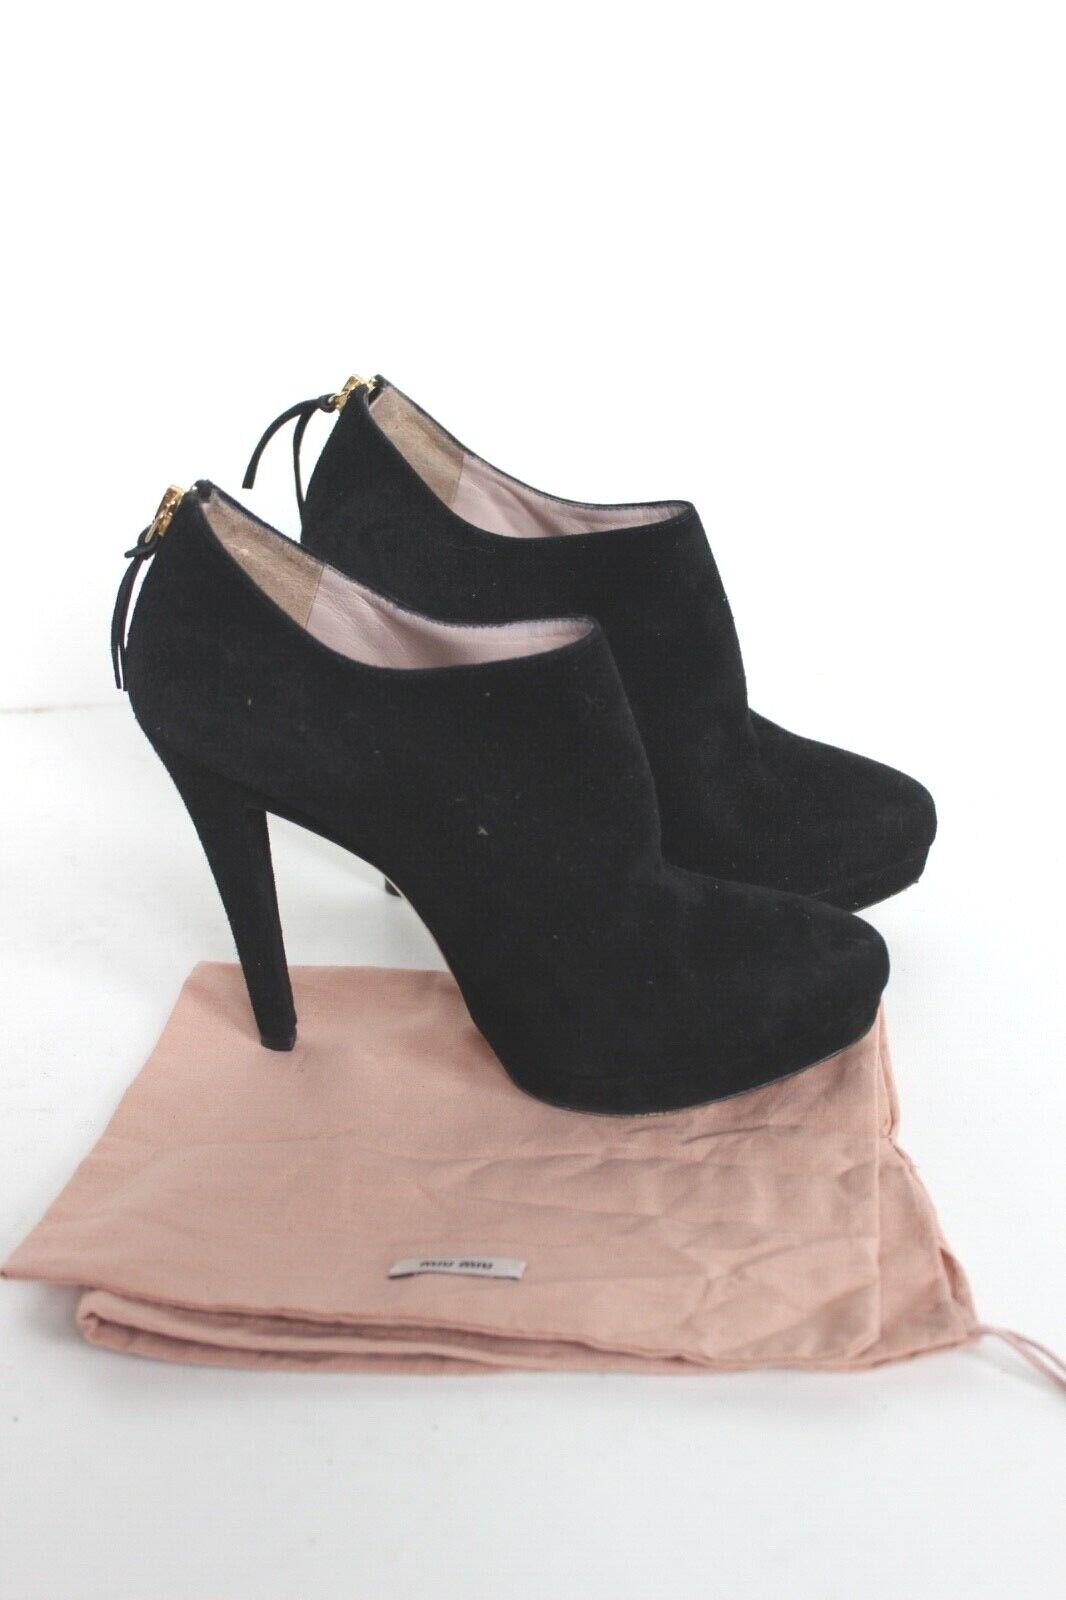 Miu Miu Negro Gamuza Tobillo botas 36.5 Reino Unido 3.5